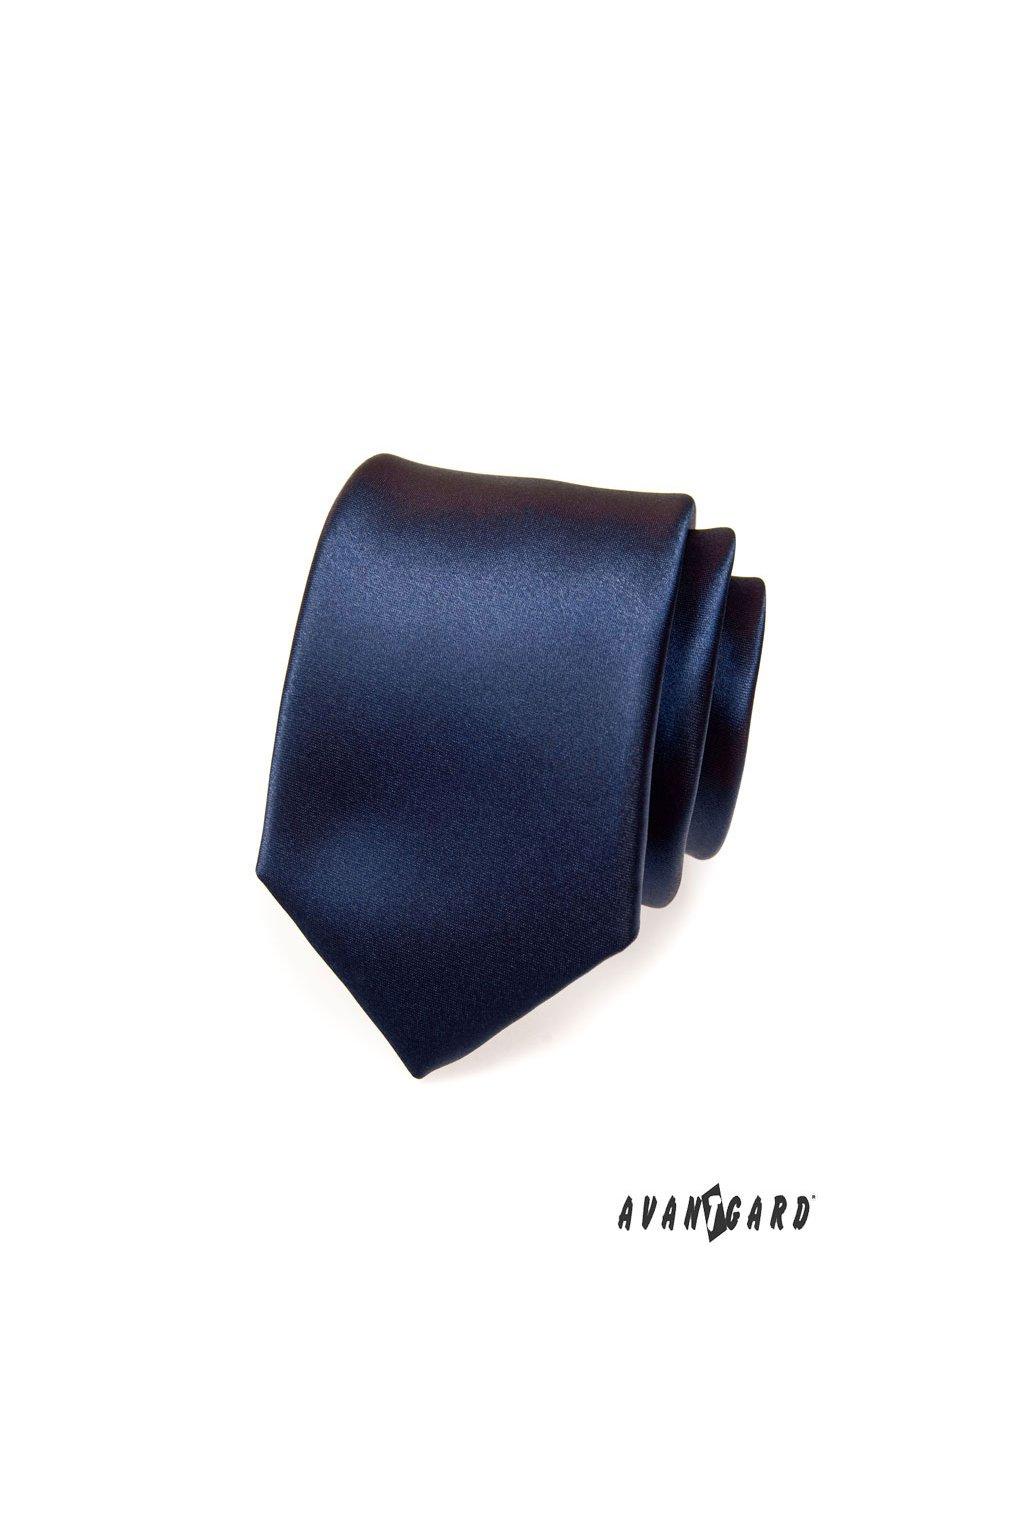 Kravata AVANTGARD LUX modrá navy 561 - 9012